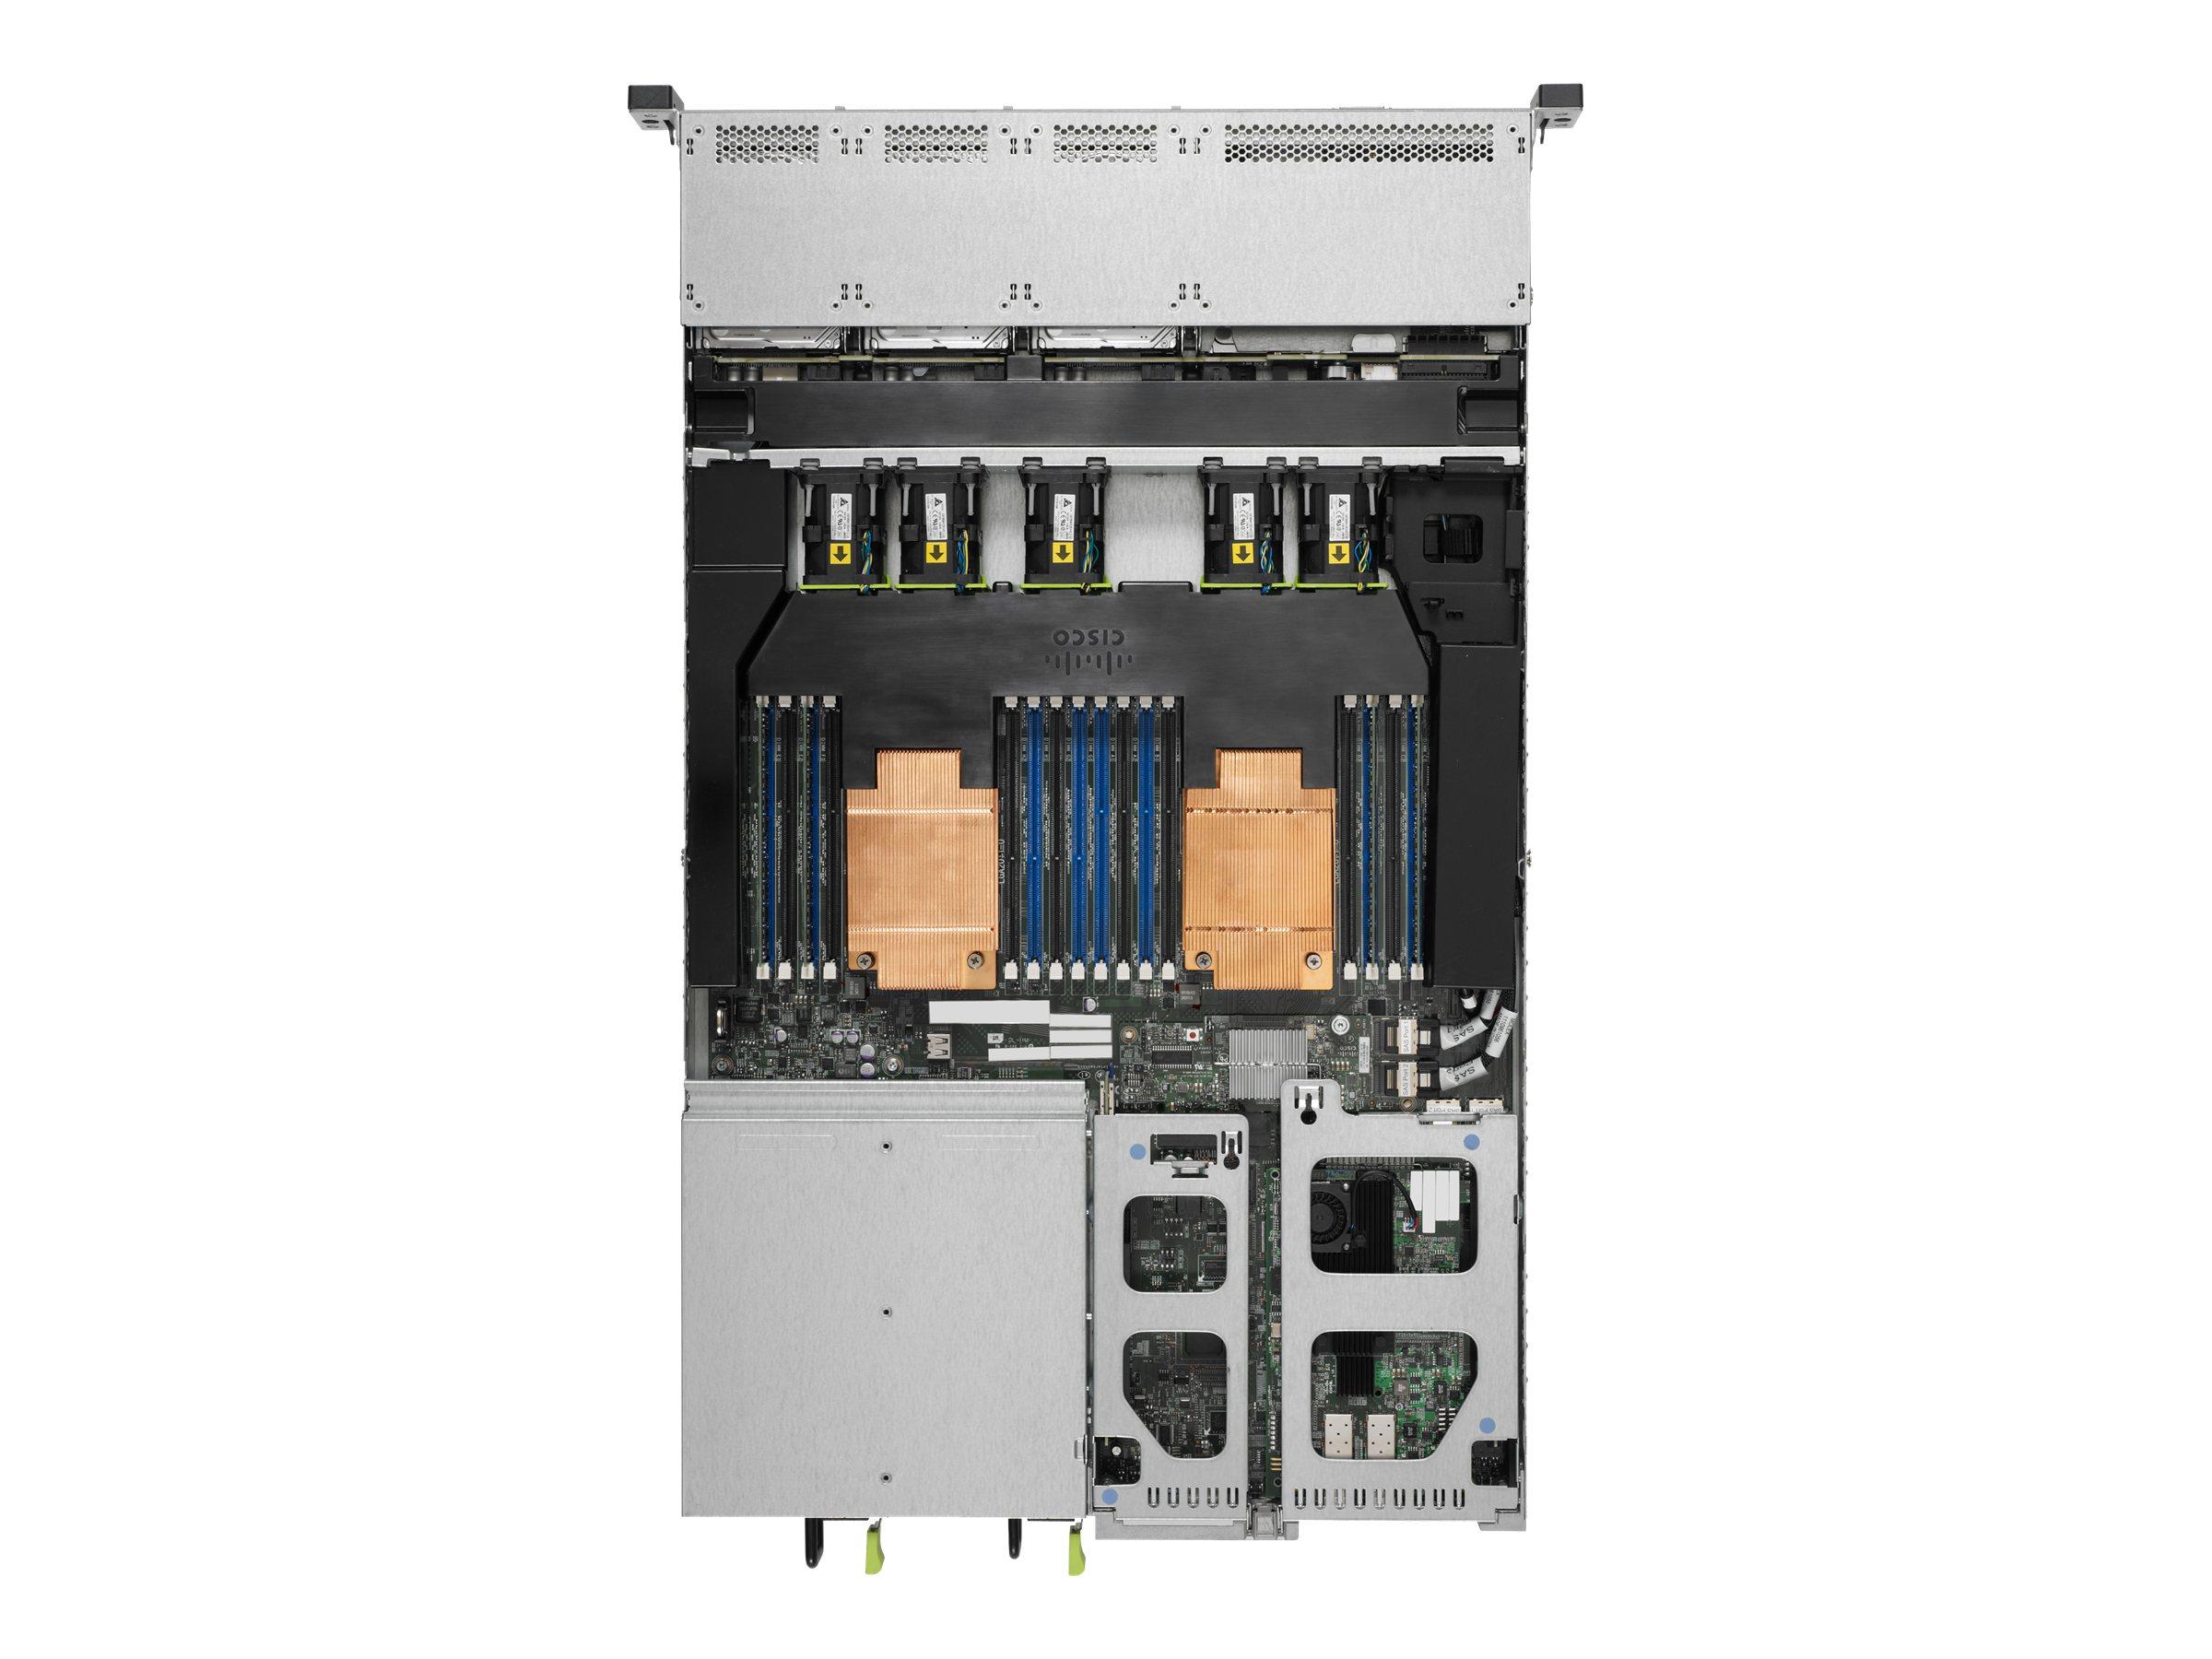 PC3-12800R 1600MHz DDR3 ECC Reg Memory For Cisco UCS C220 M3 Server 64GB 8x8GB